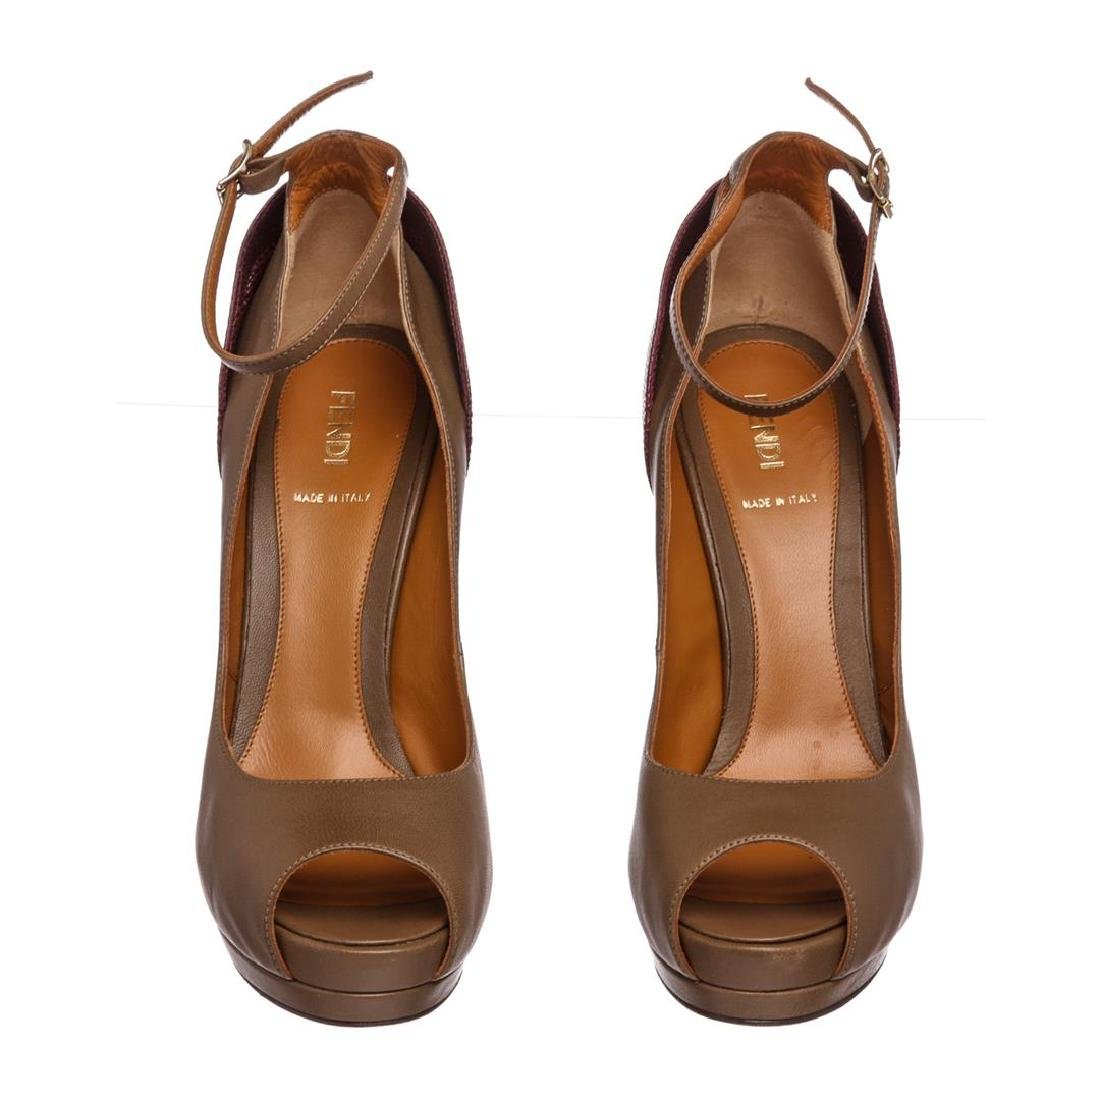 Fendi Taupe Leather Lizard Peep Toe Platform Heels - 3